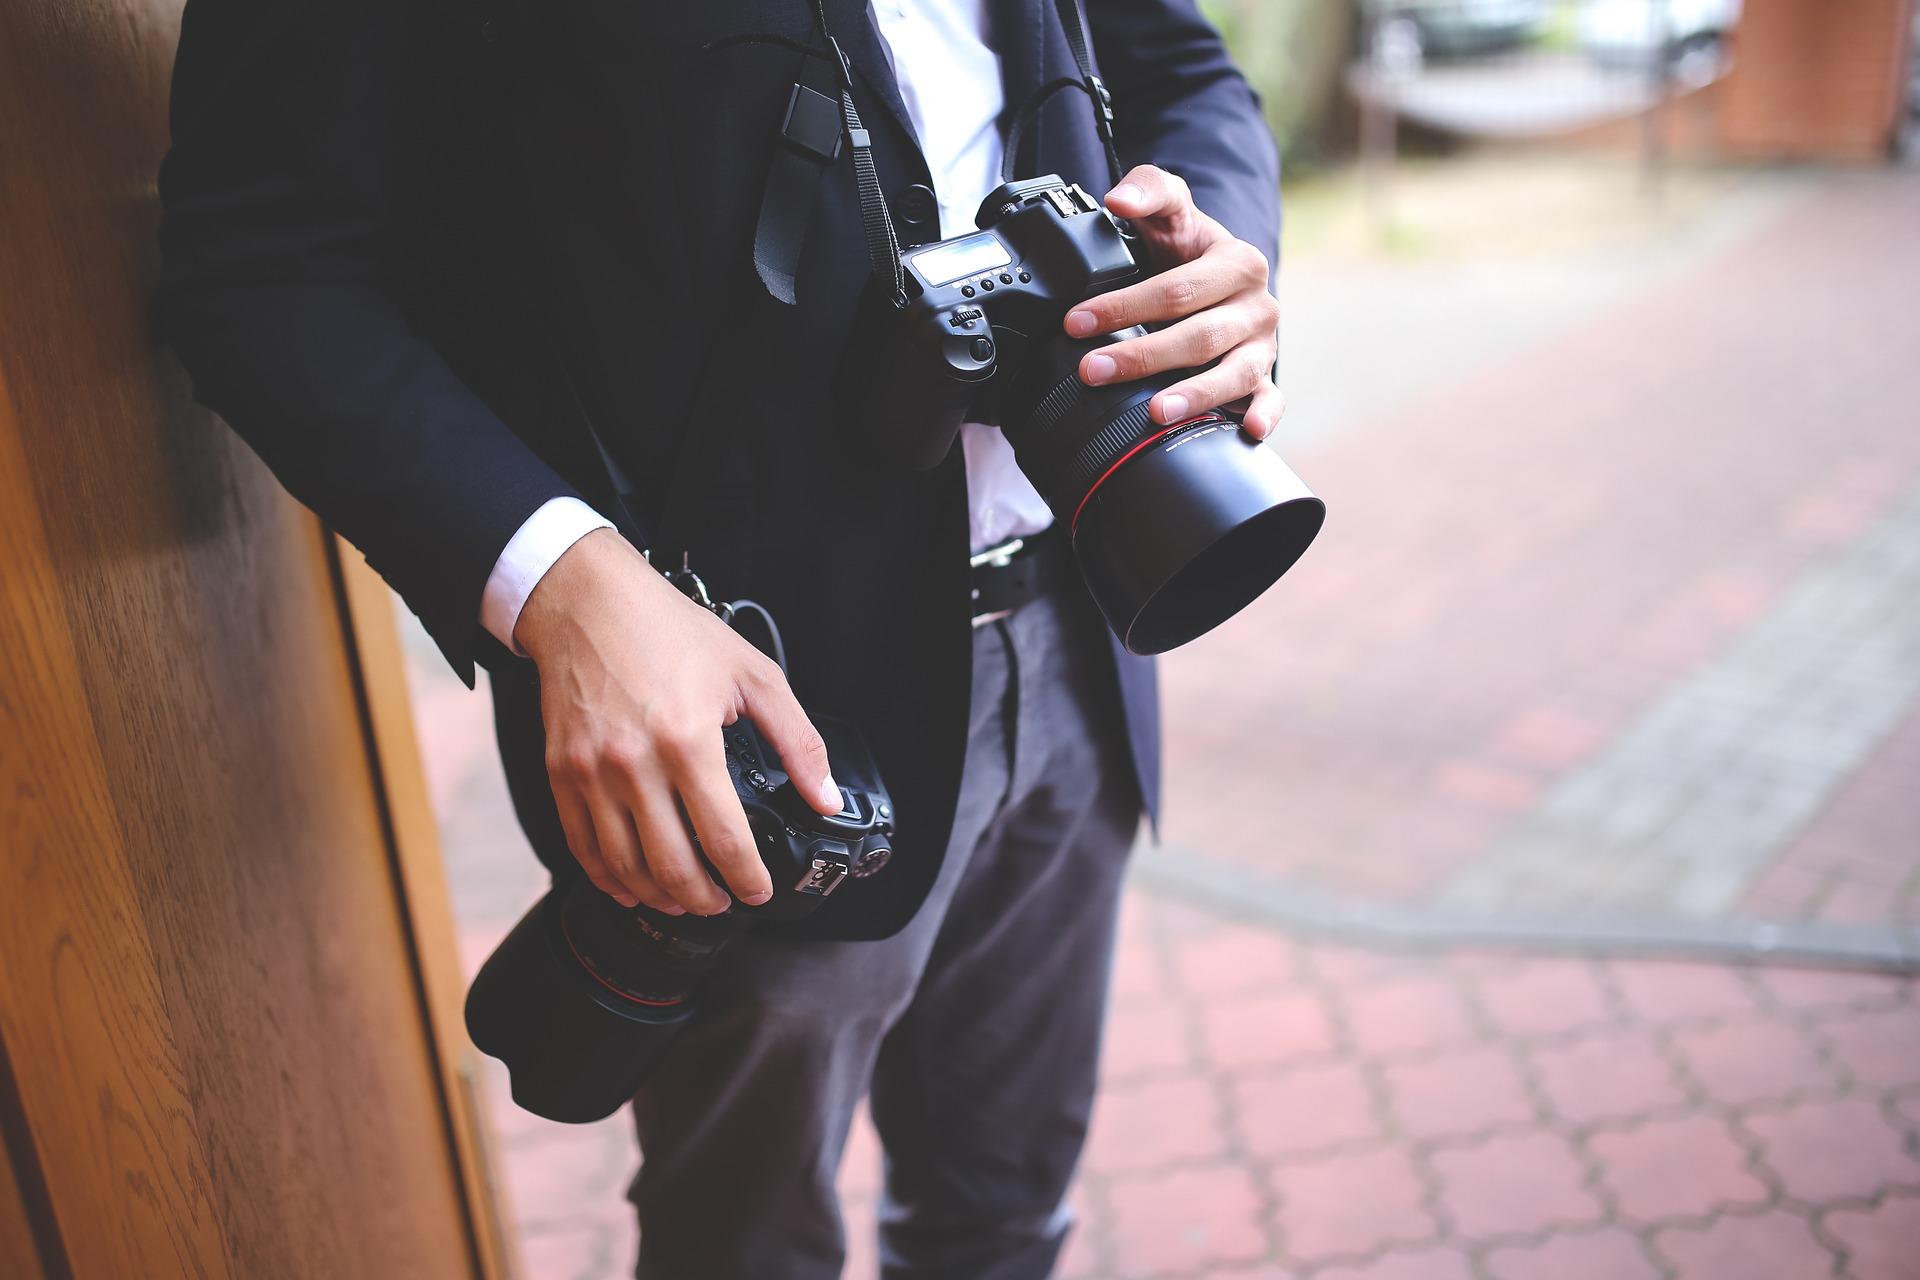 Fotograf mit zwei Kameras